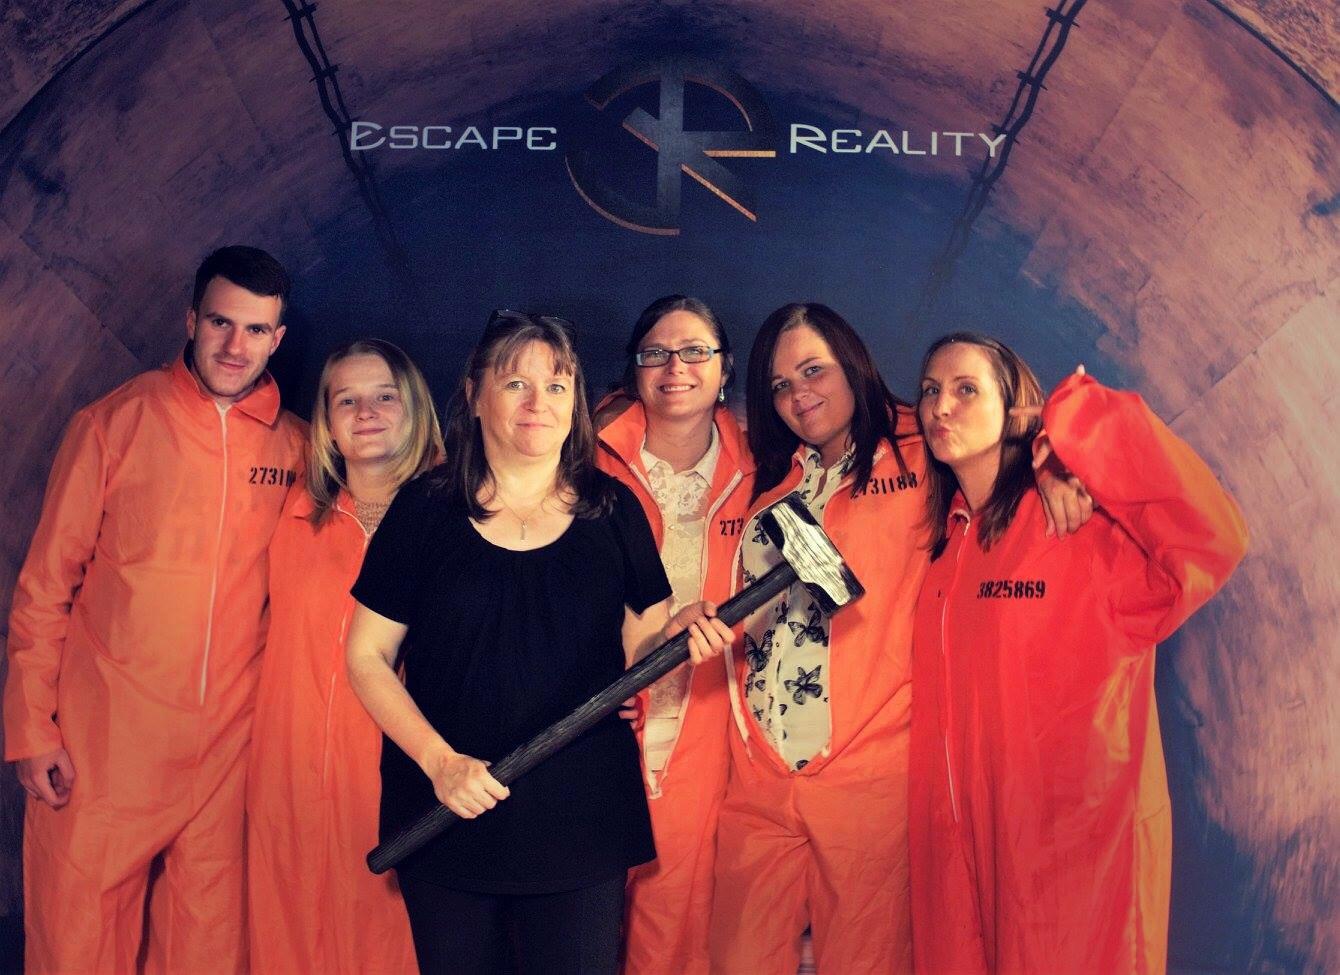 Escape Reality Cardiff